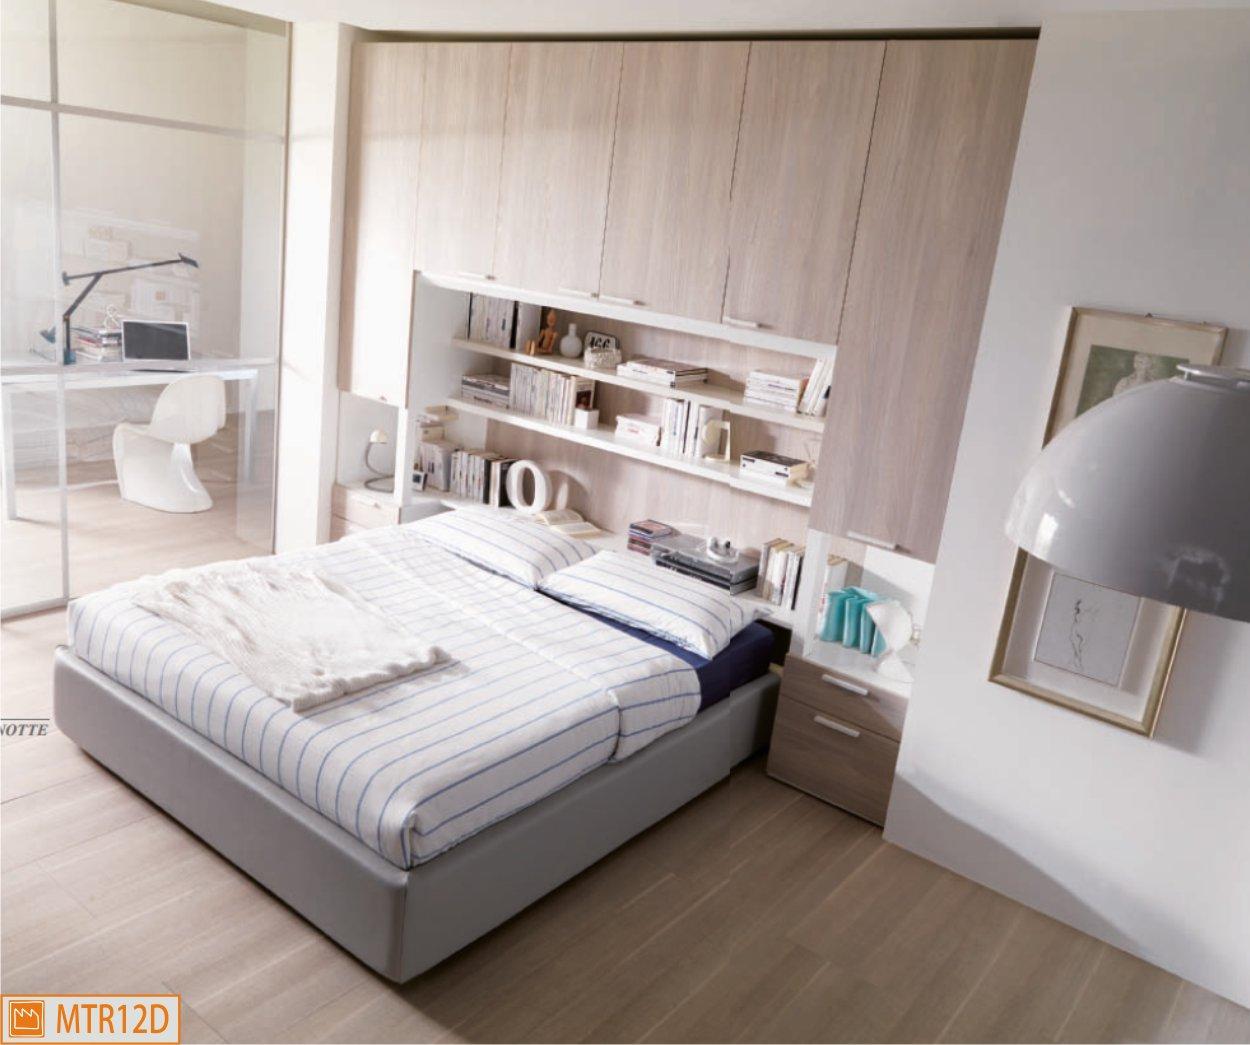 Camera a ponte con letto sommier - Camere da letto in cartongesso ...